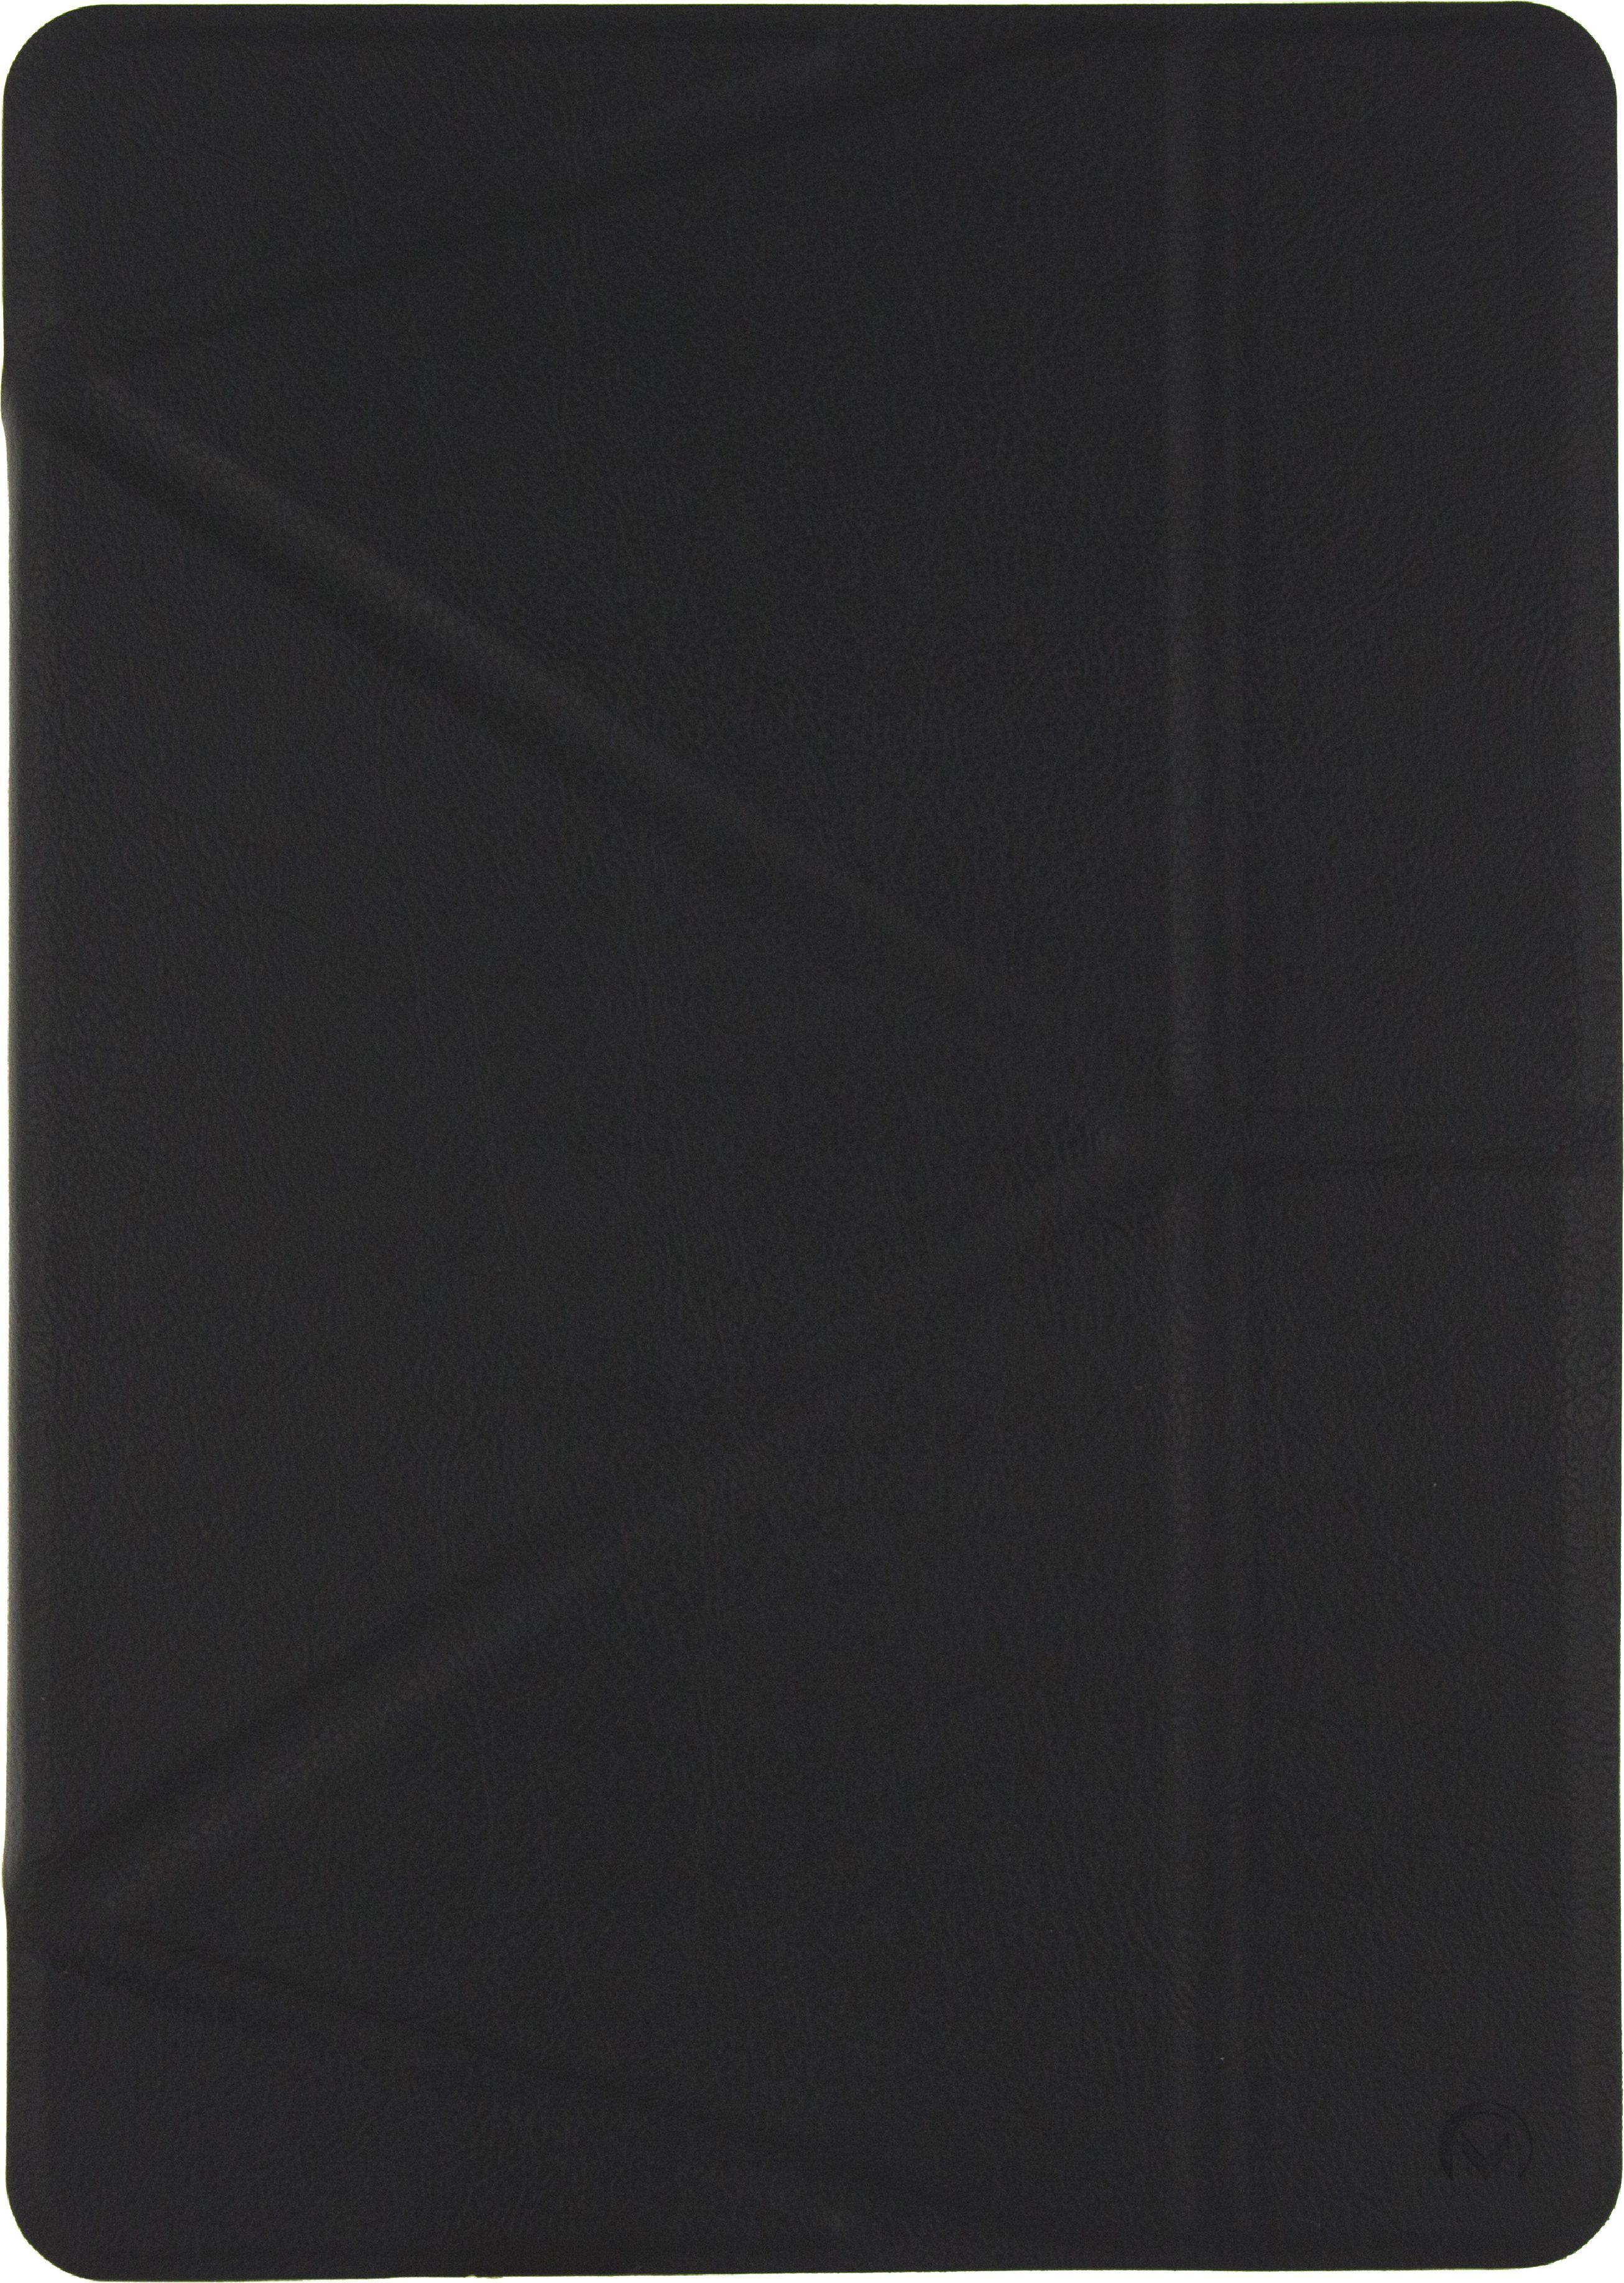 """Billede af Tablet Blødt Multifoldningsetui Apple iPad Pro 10.5"""" Sort/Grå"""